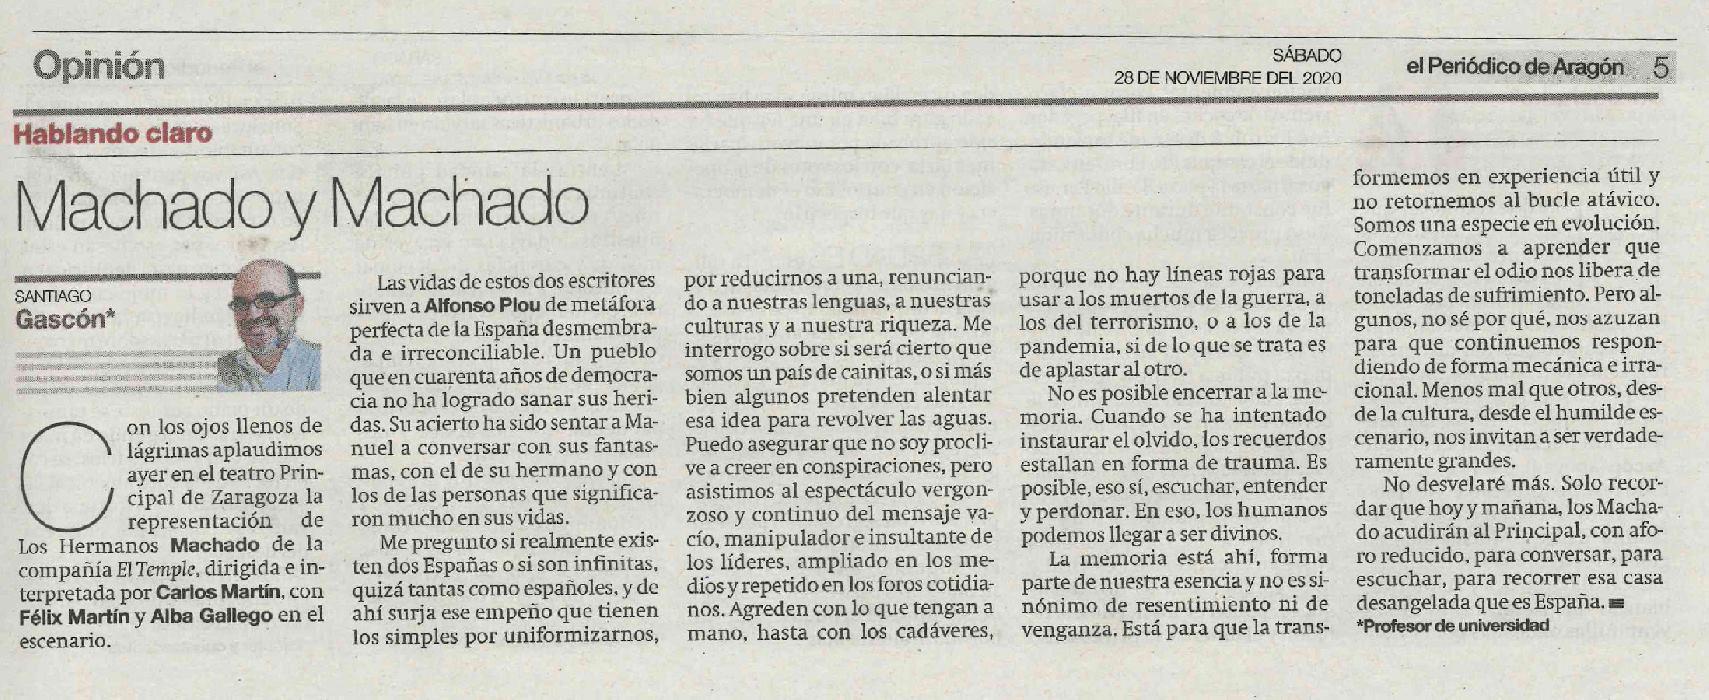 Articulo-El-Periodico-Aragon-Santiago-Gascon-Hhermanos-Machado